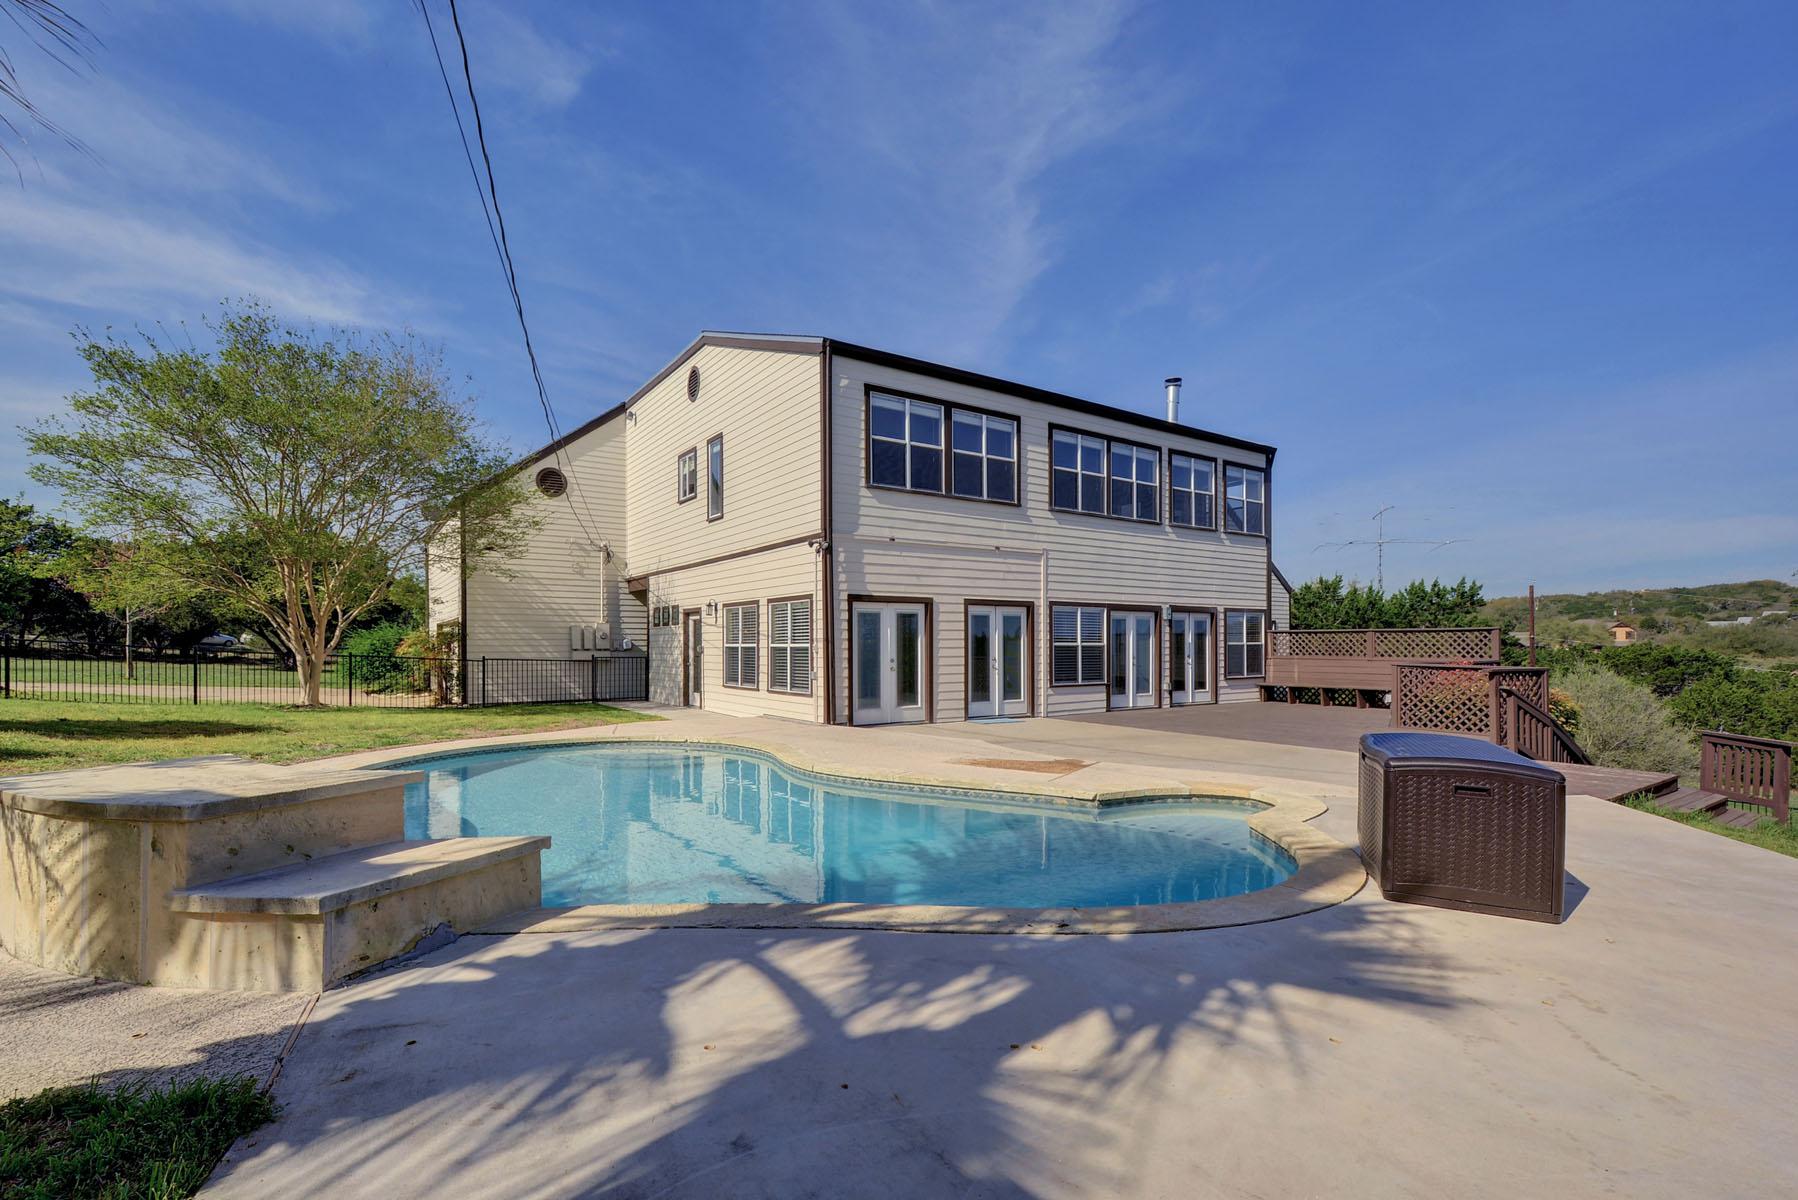 Casa Unifamiliar por un Venta en Homestead in Texas Hill Country 5513 Great Divide Dr Bee Cave, Texas 78738 Estados Unidos